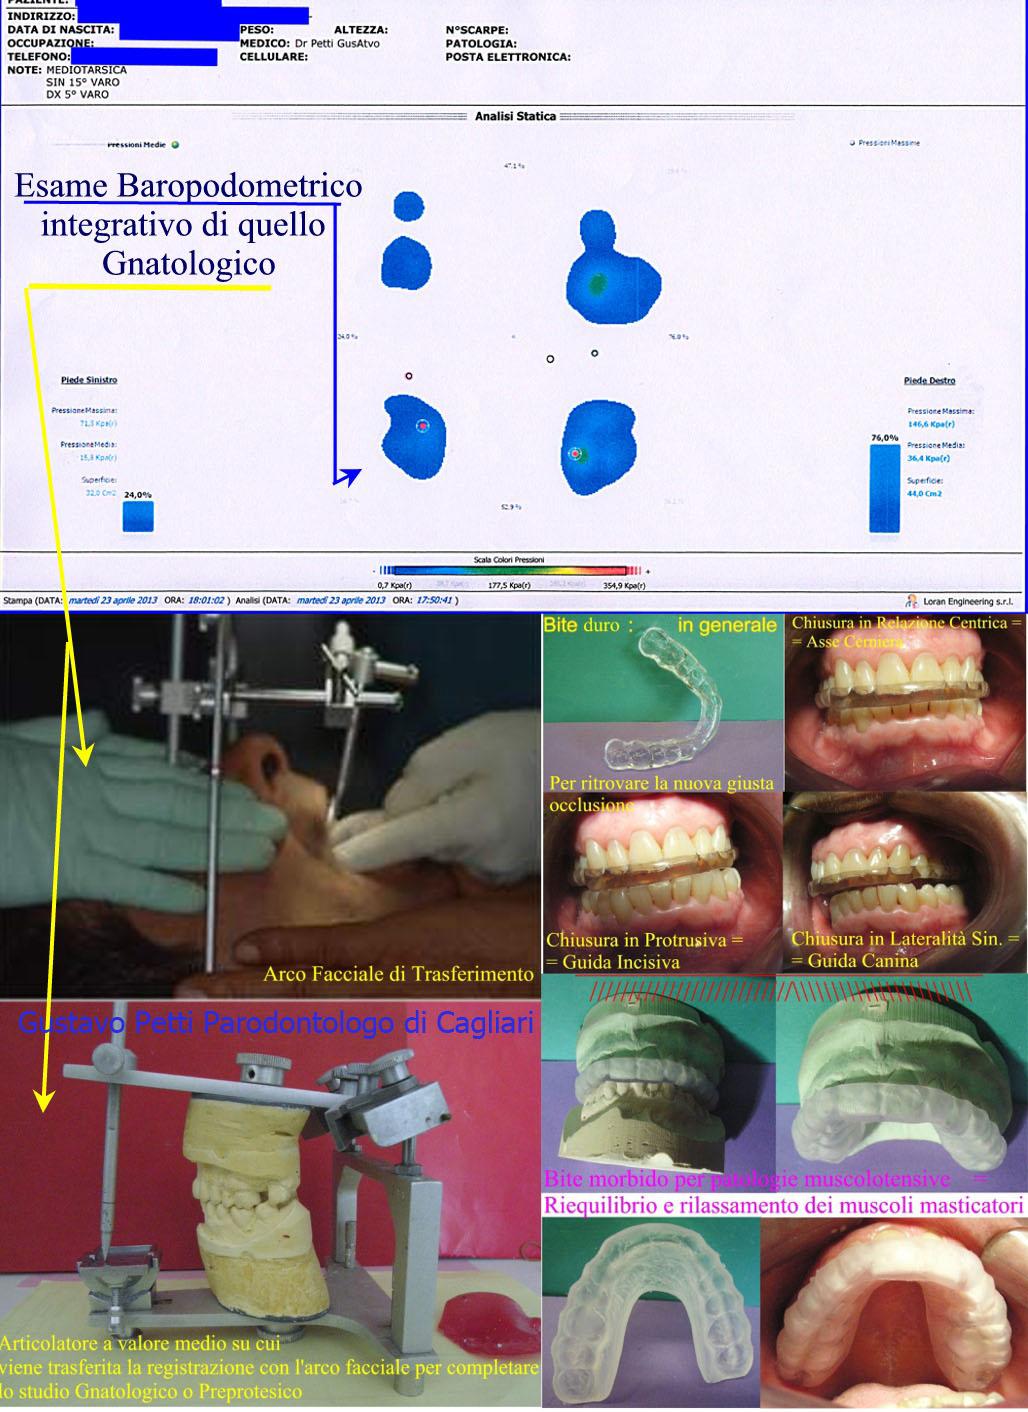 gnatologia-dr-g.petti-cagliari-145.jpg